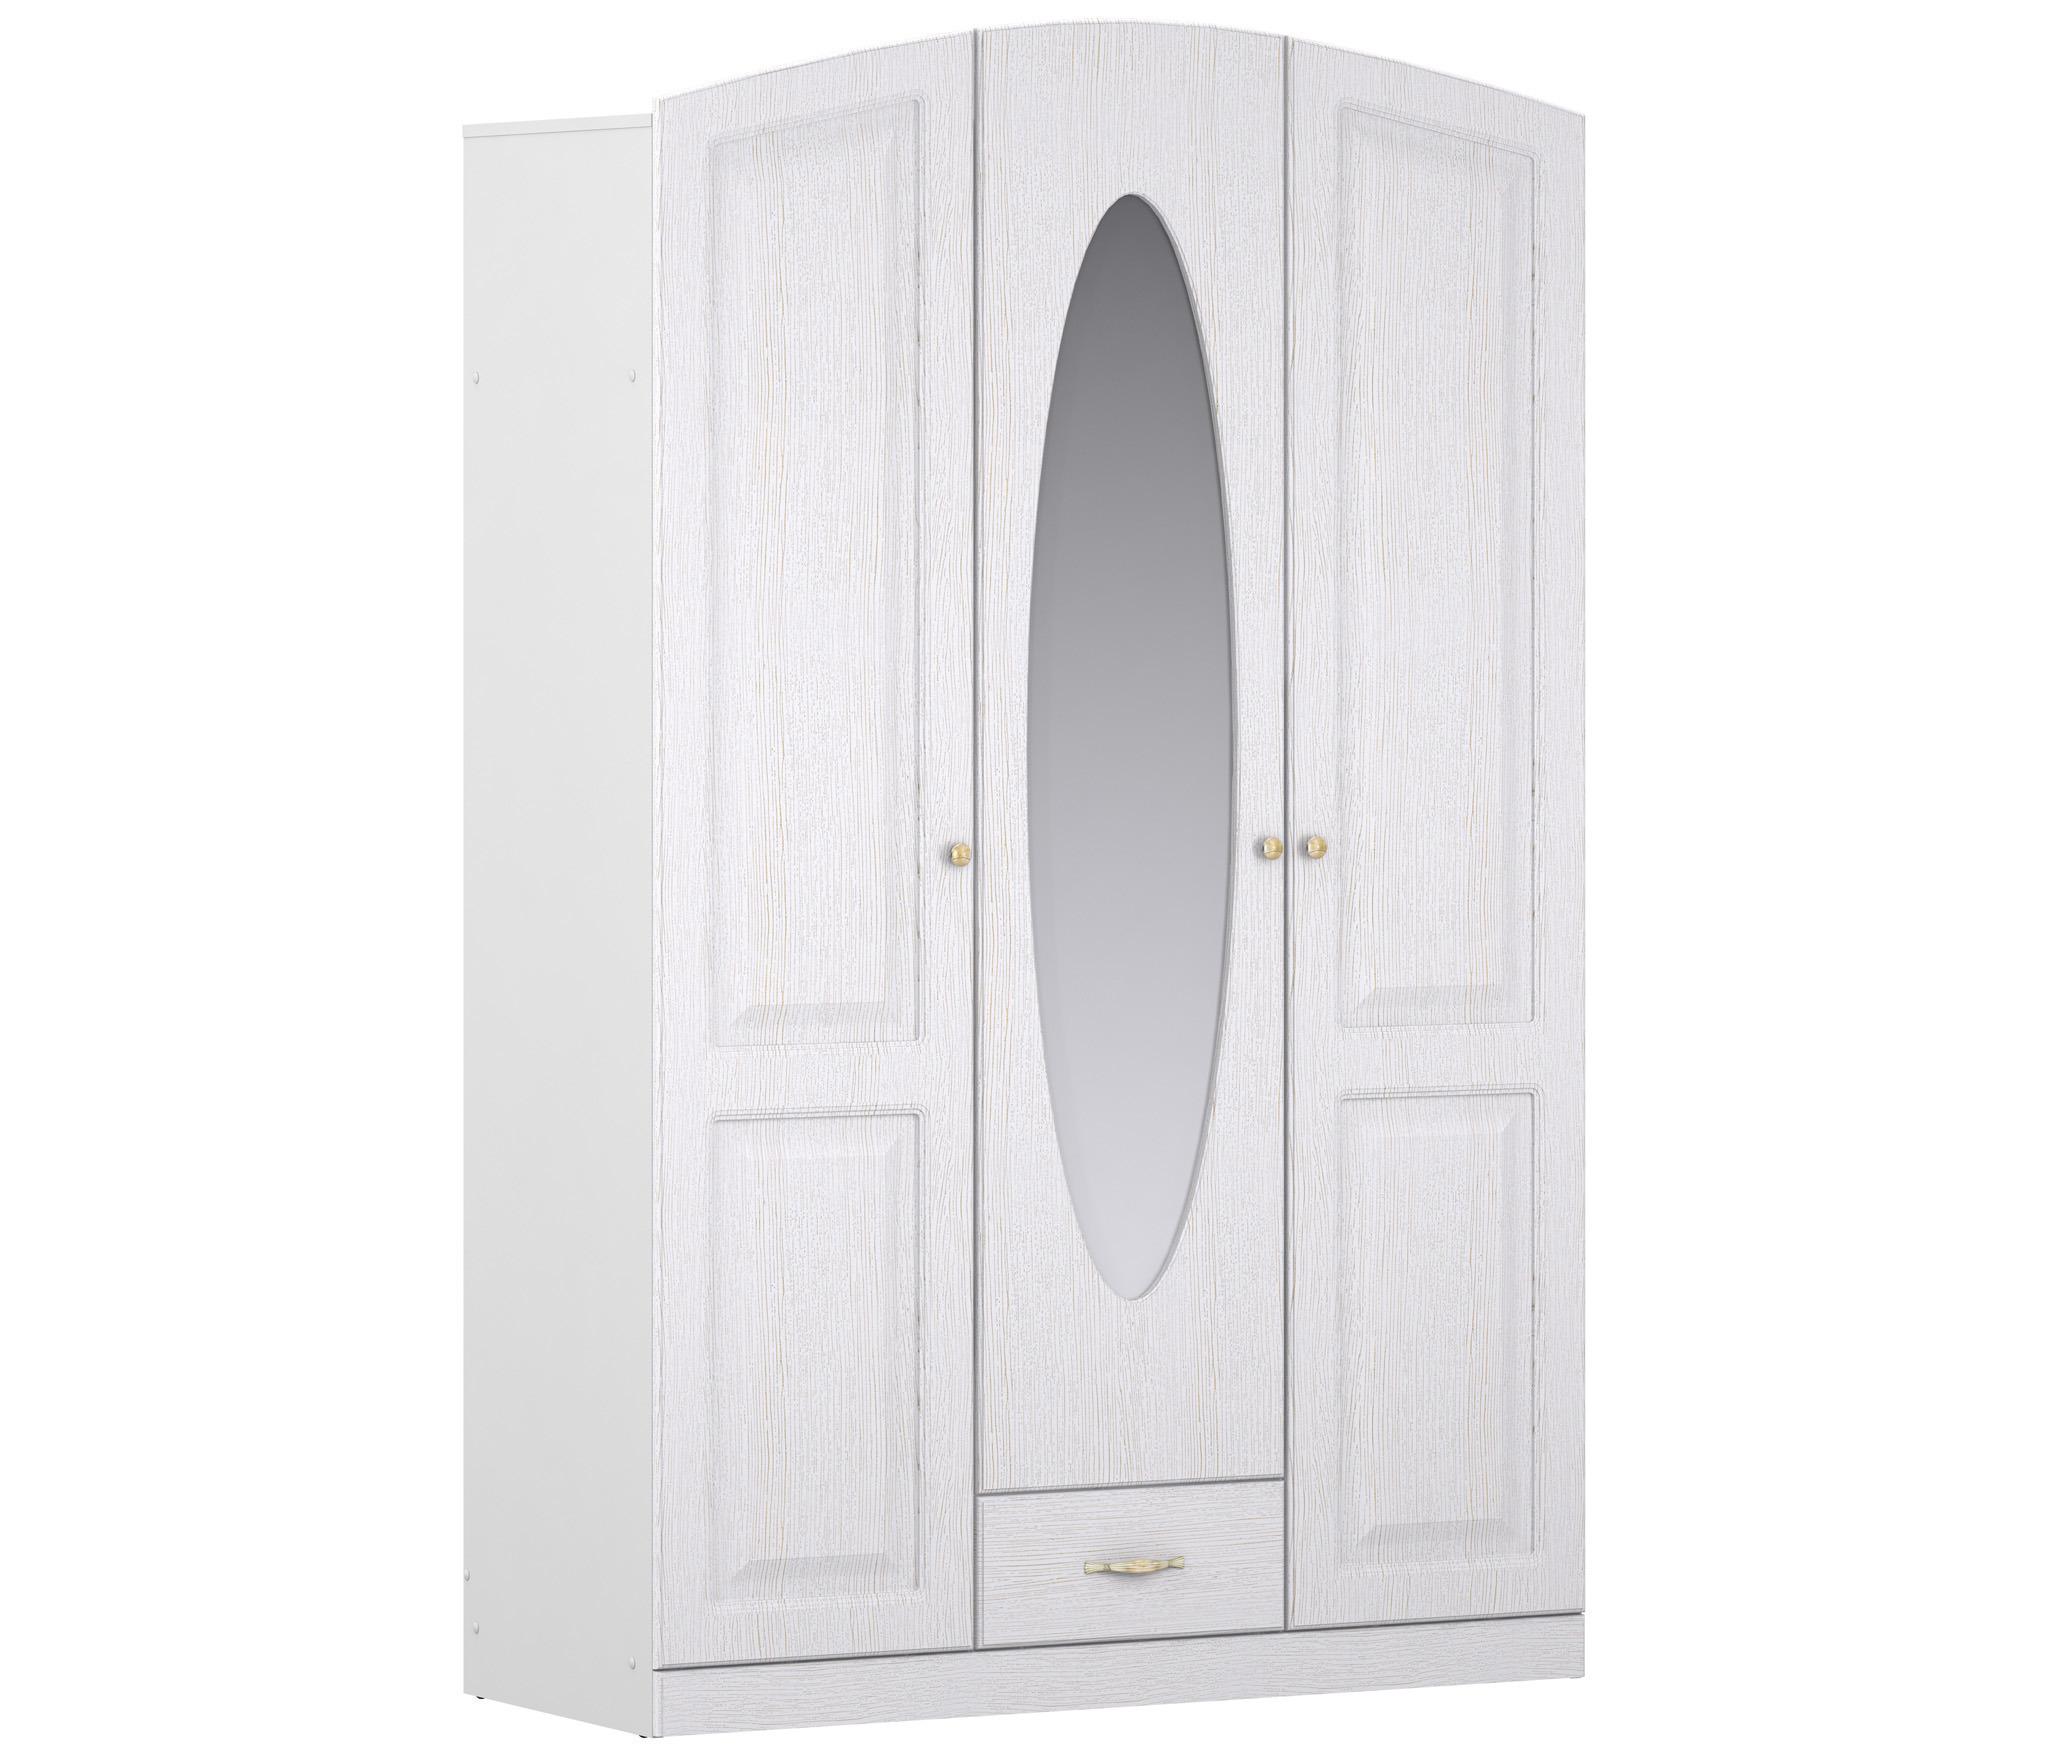 Кристина СБ-1862 Шкаф для одежды 3-х дверный